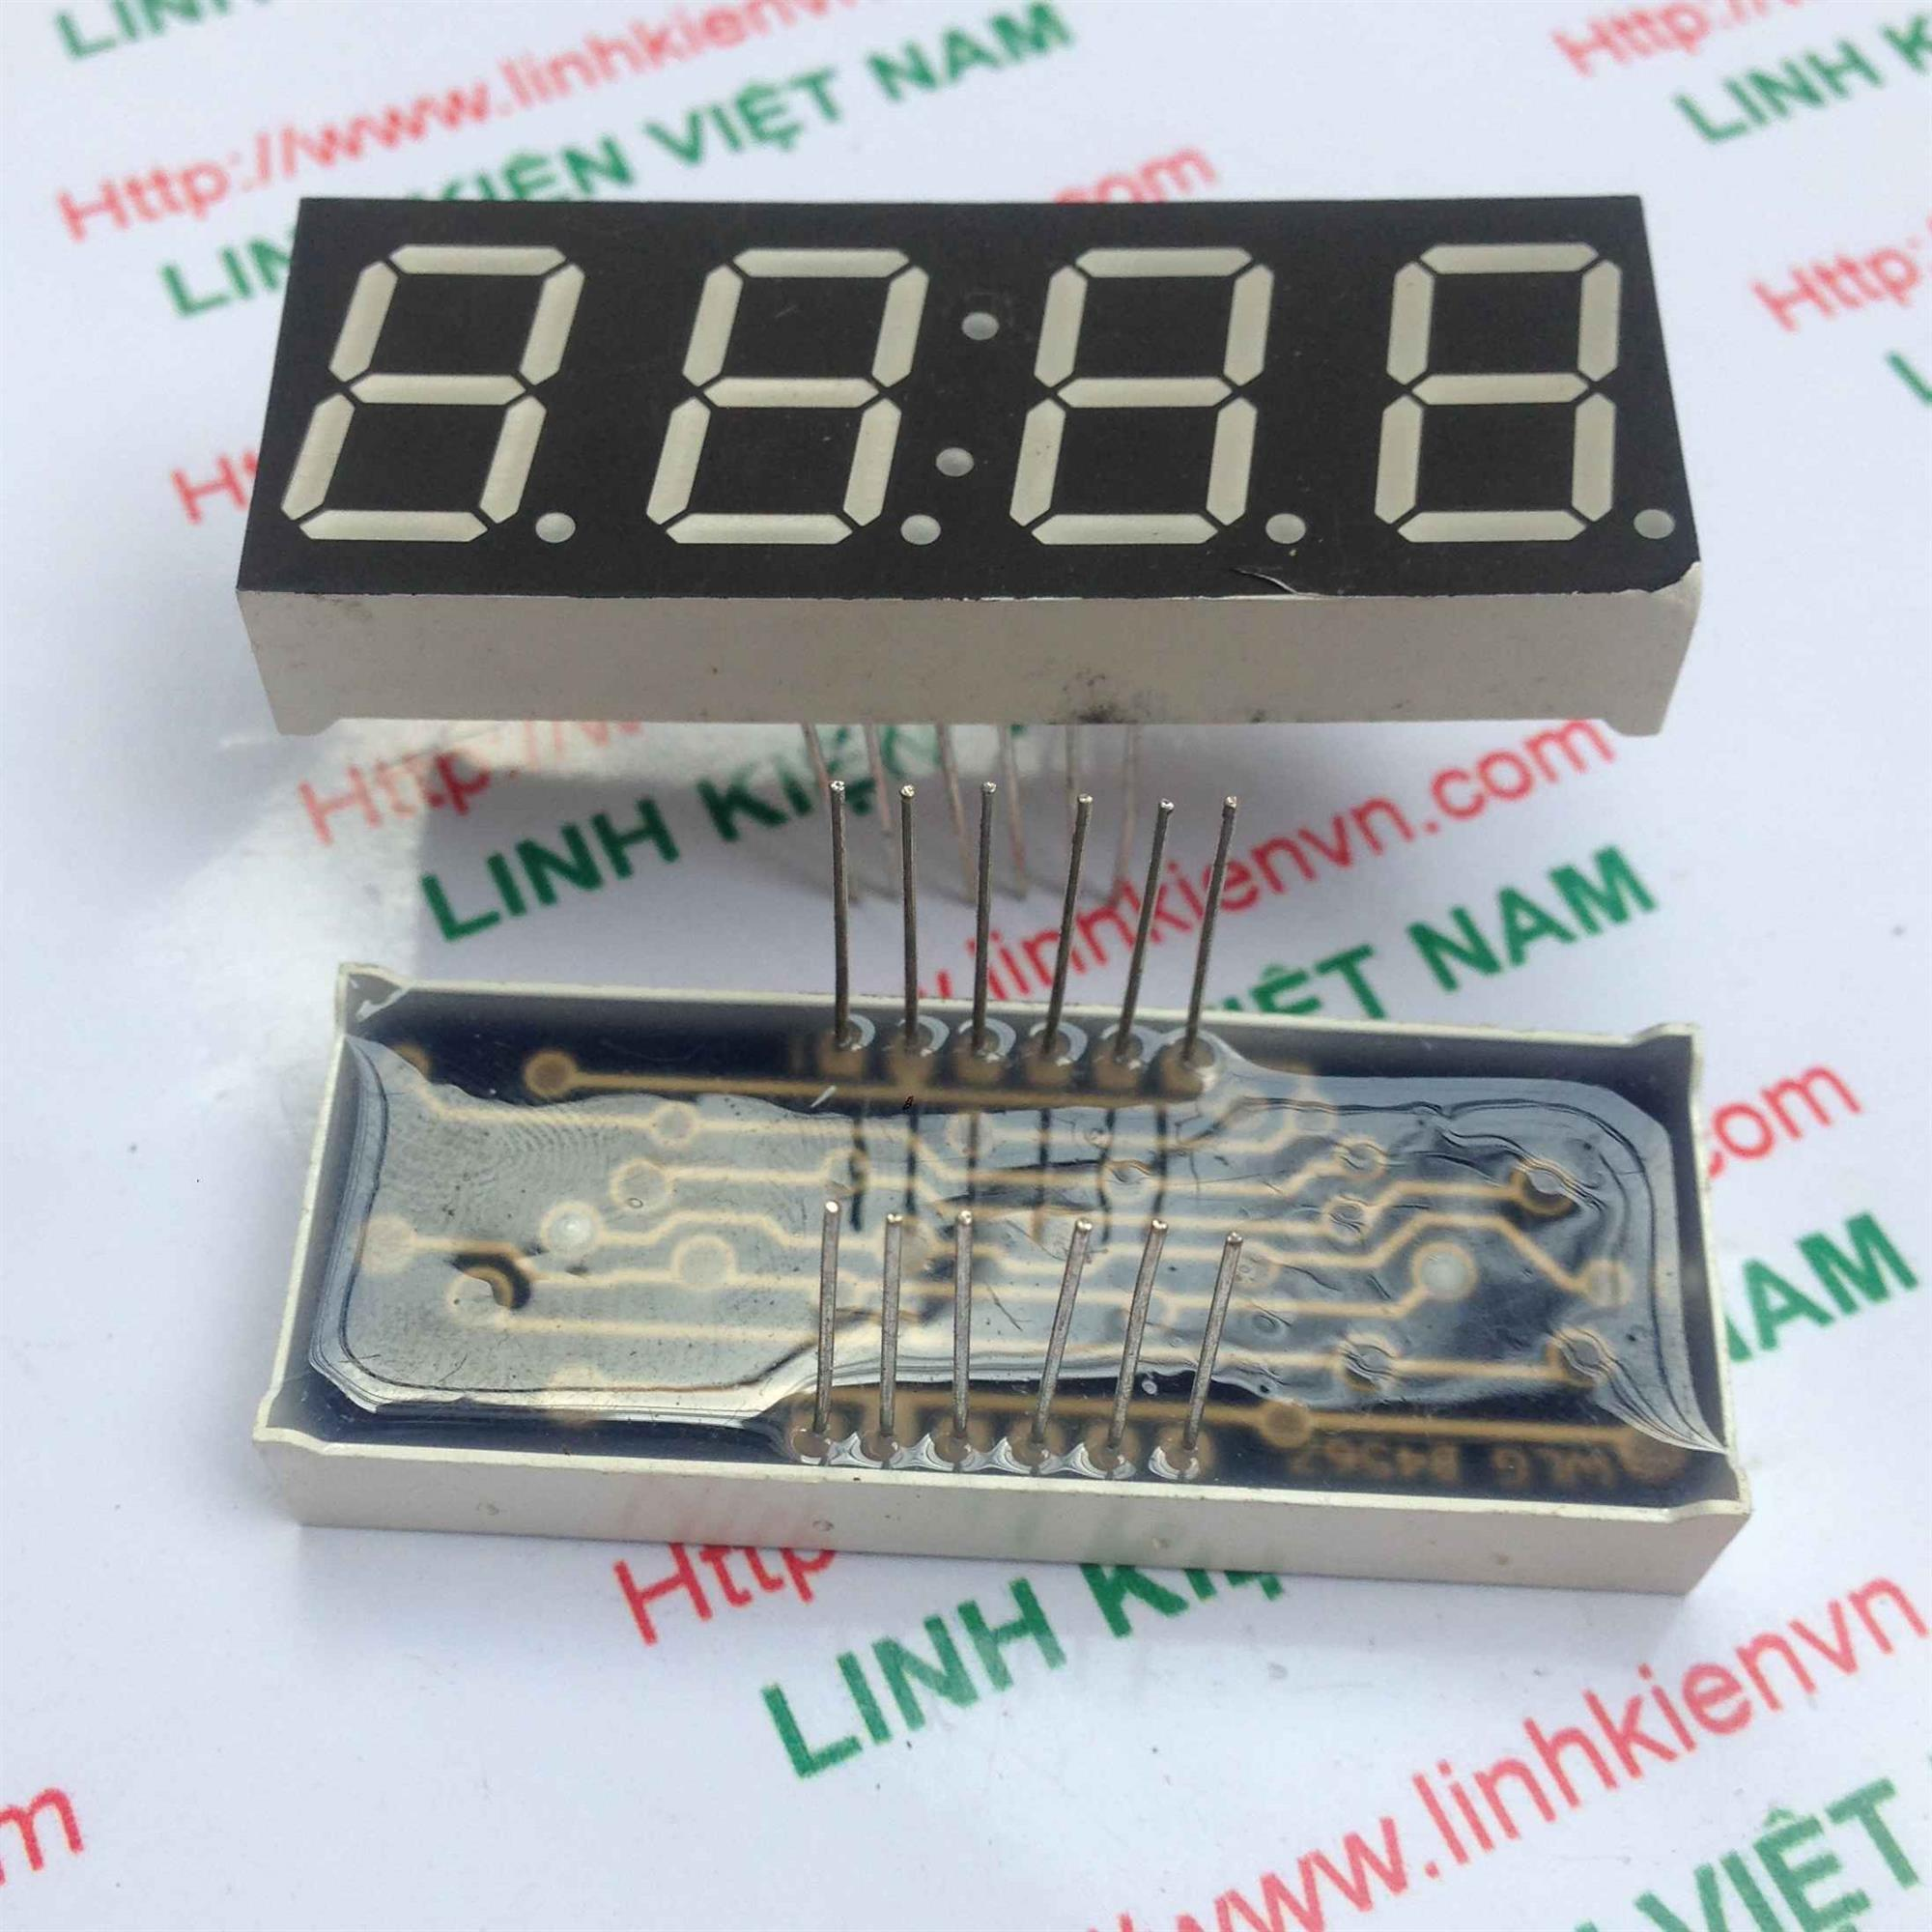 Led 7 thanh 4 số 0.56 inch Anot Chung có hai chấm màu xanh - i1H7